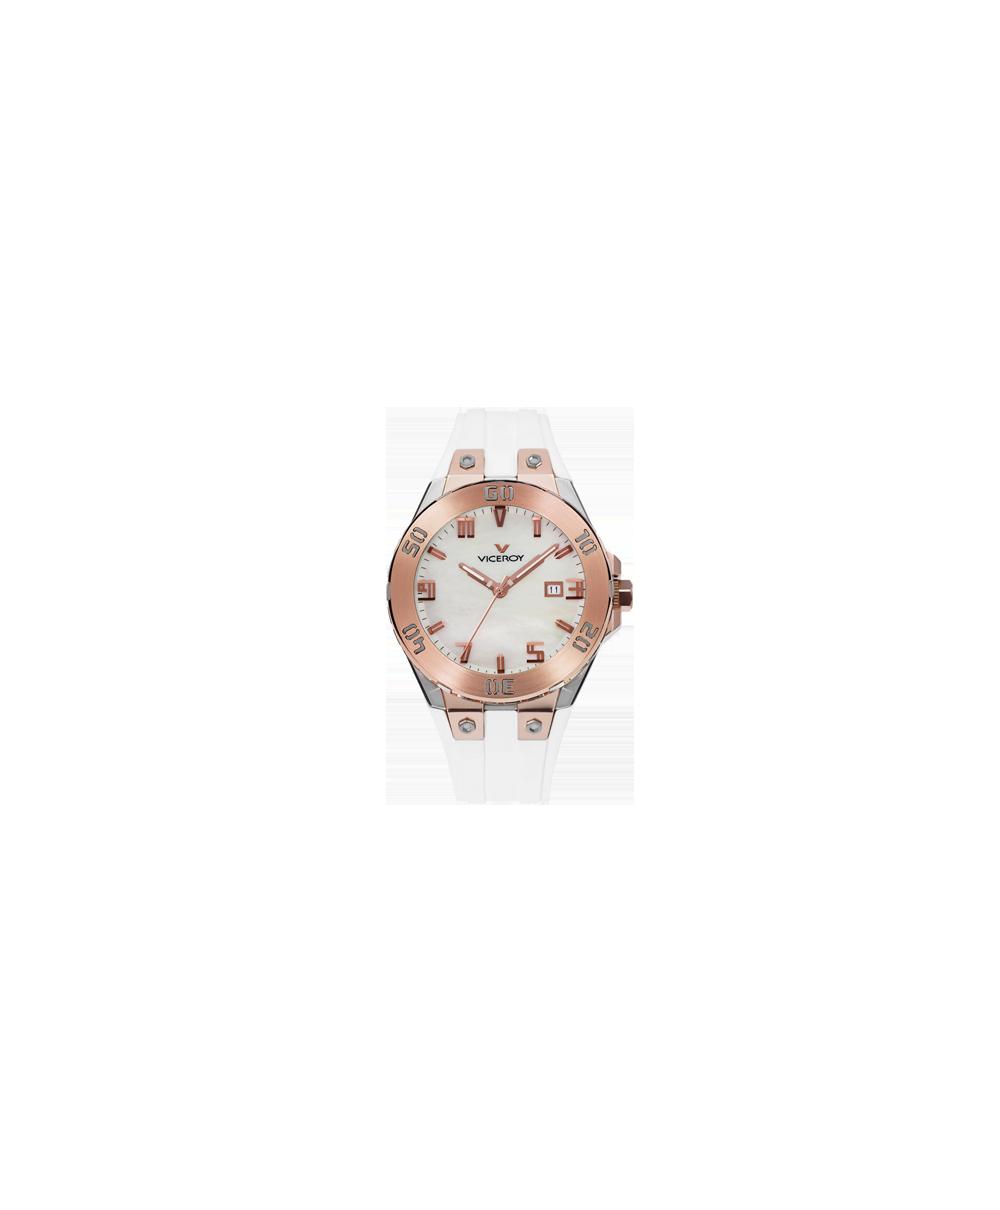 Reloj Viceroy Fernando Alonso 47624-95